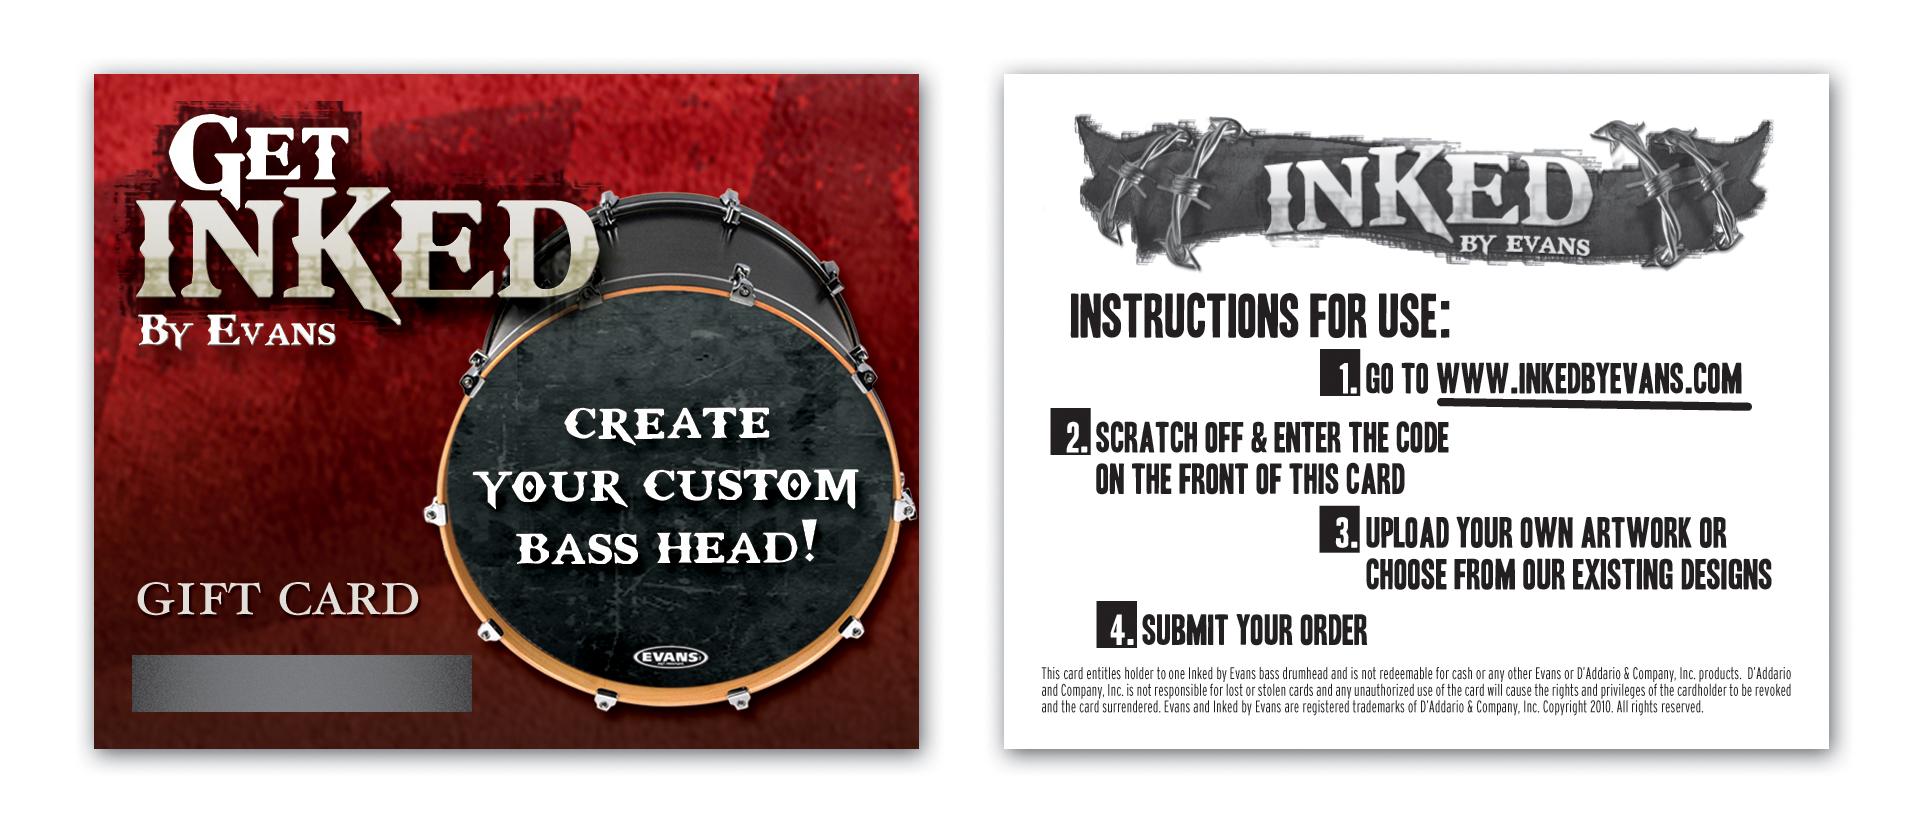 Evans Inked By Evans Custom Bass Drum Head Gift Card